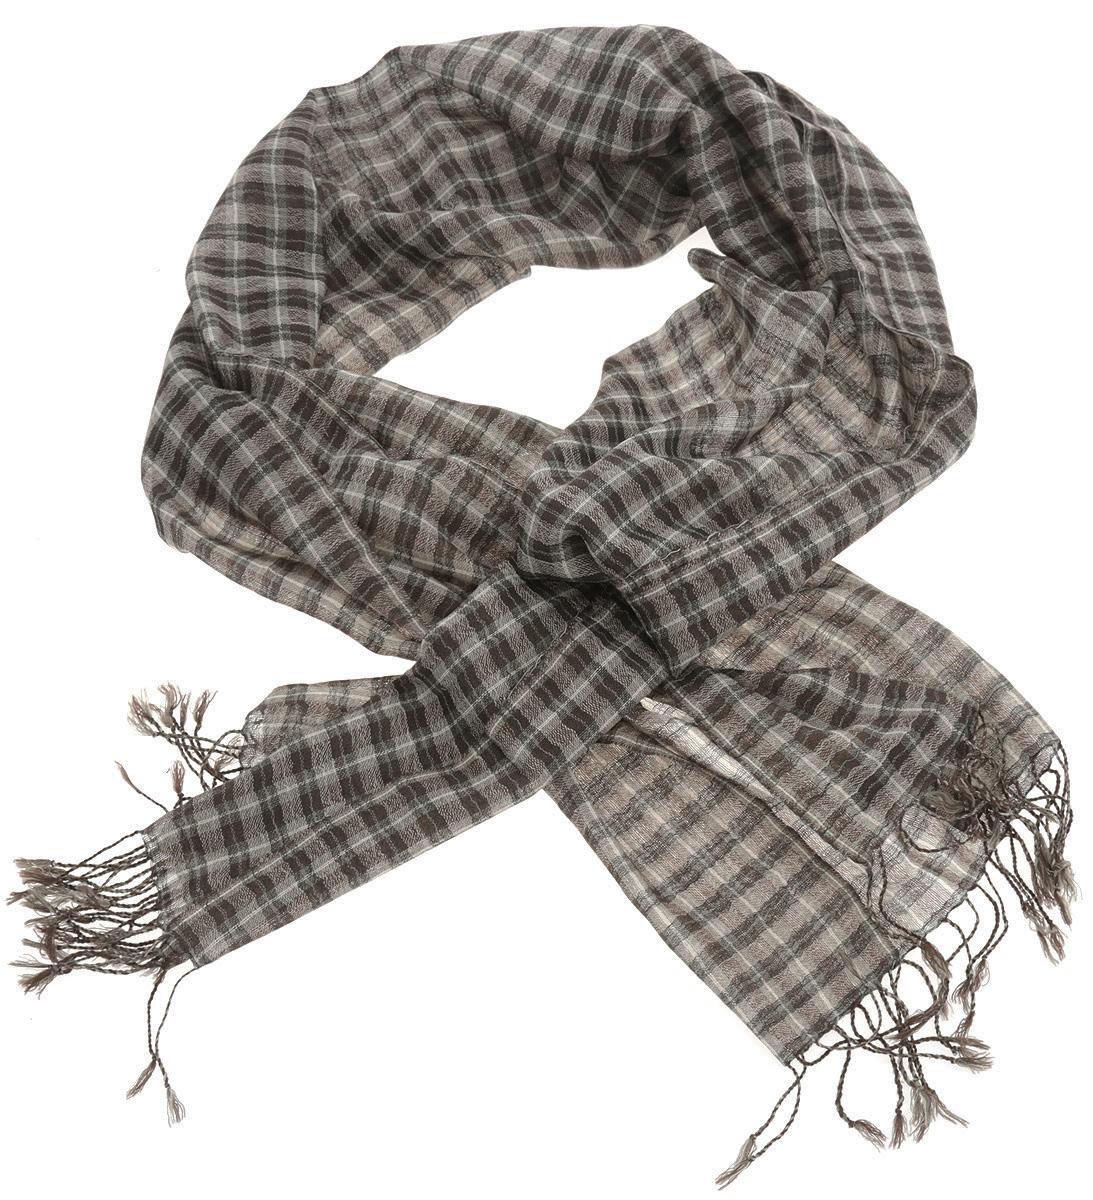 Шарф мужской. LMmanLMmanНеобычайно легкий мужской шарф Laura Milano выполнен из кашемира с добавлением модала, украшен актуальным принтом в клетку, согреет обладателя в непогоду. Края изделия оформлены кисточками. Великолепный мужской шарф Laura Milano сочетает в себе вечную классику и современные тренды.